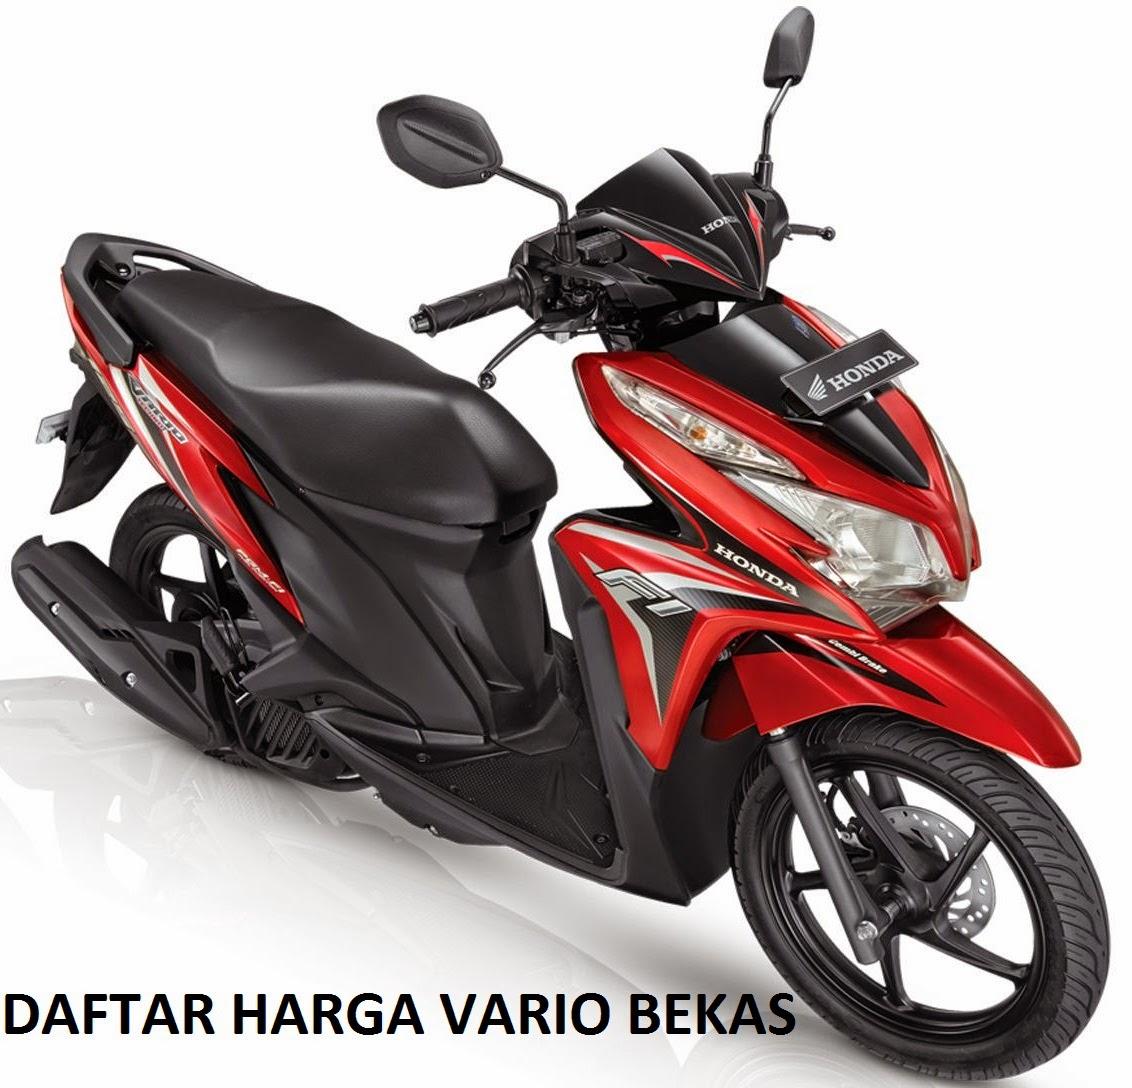 Nb Kondisi Motor Honda Vario Dengan Harga Standar Bekas Di Atas Dalam Normal Aksesoris Dan Onderdil Komplit Pajak Kendaraan Nomor Polisi